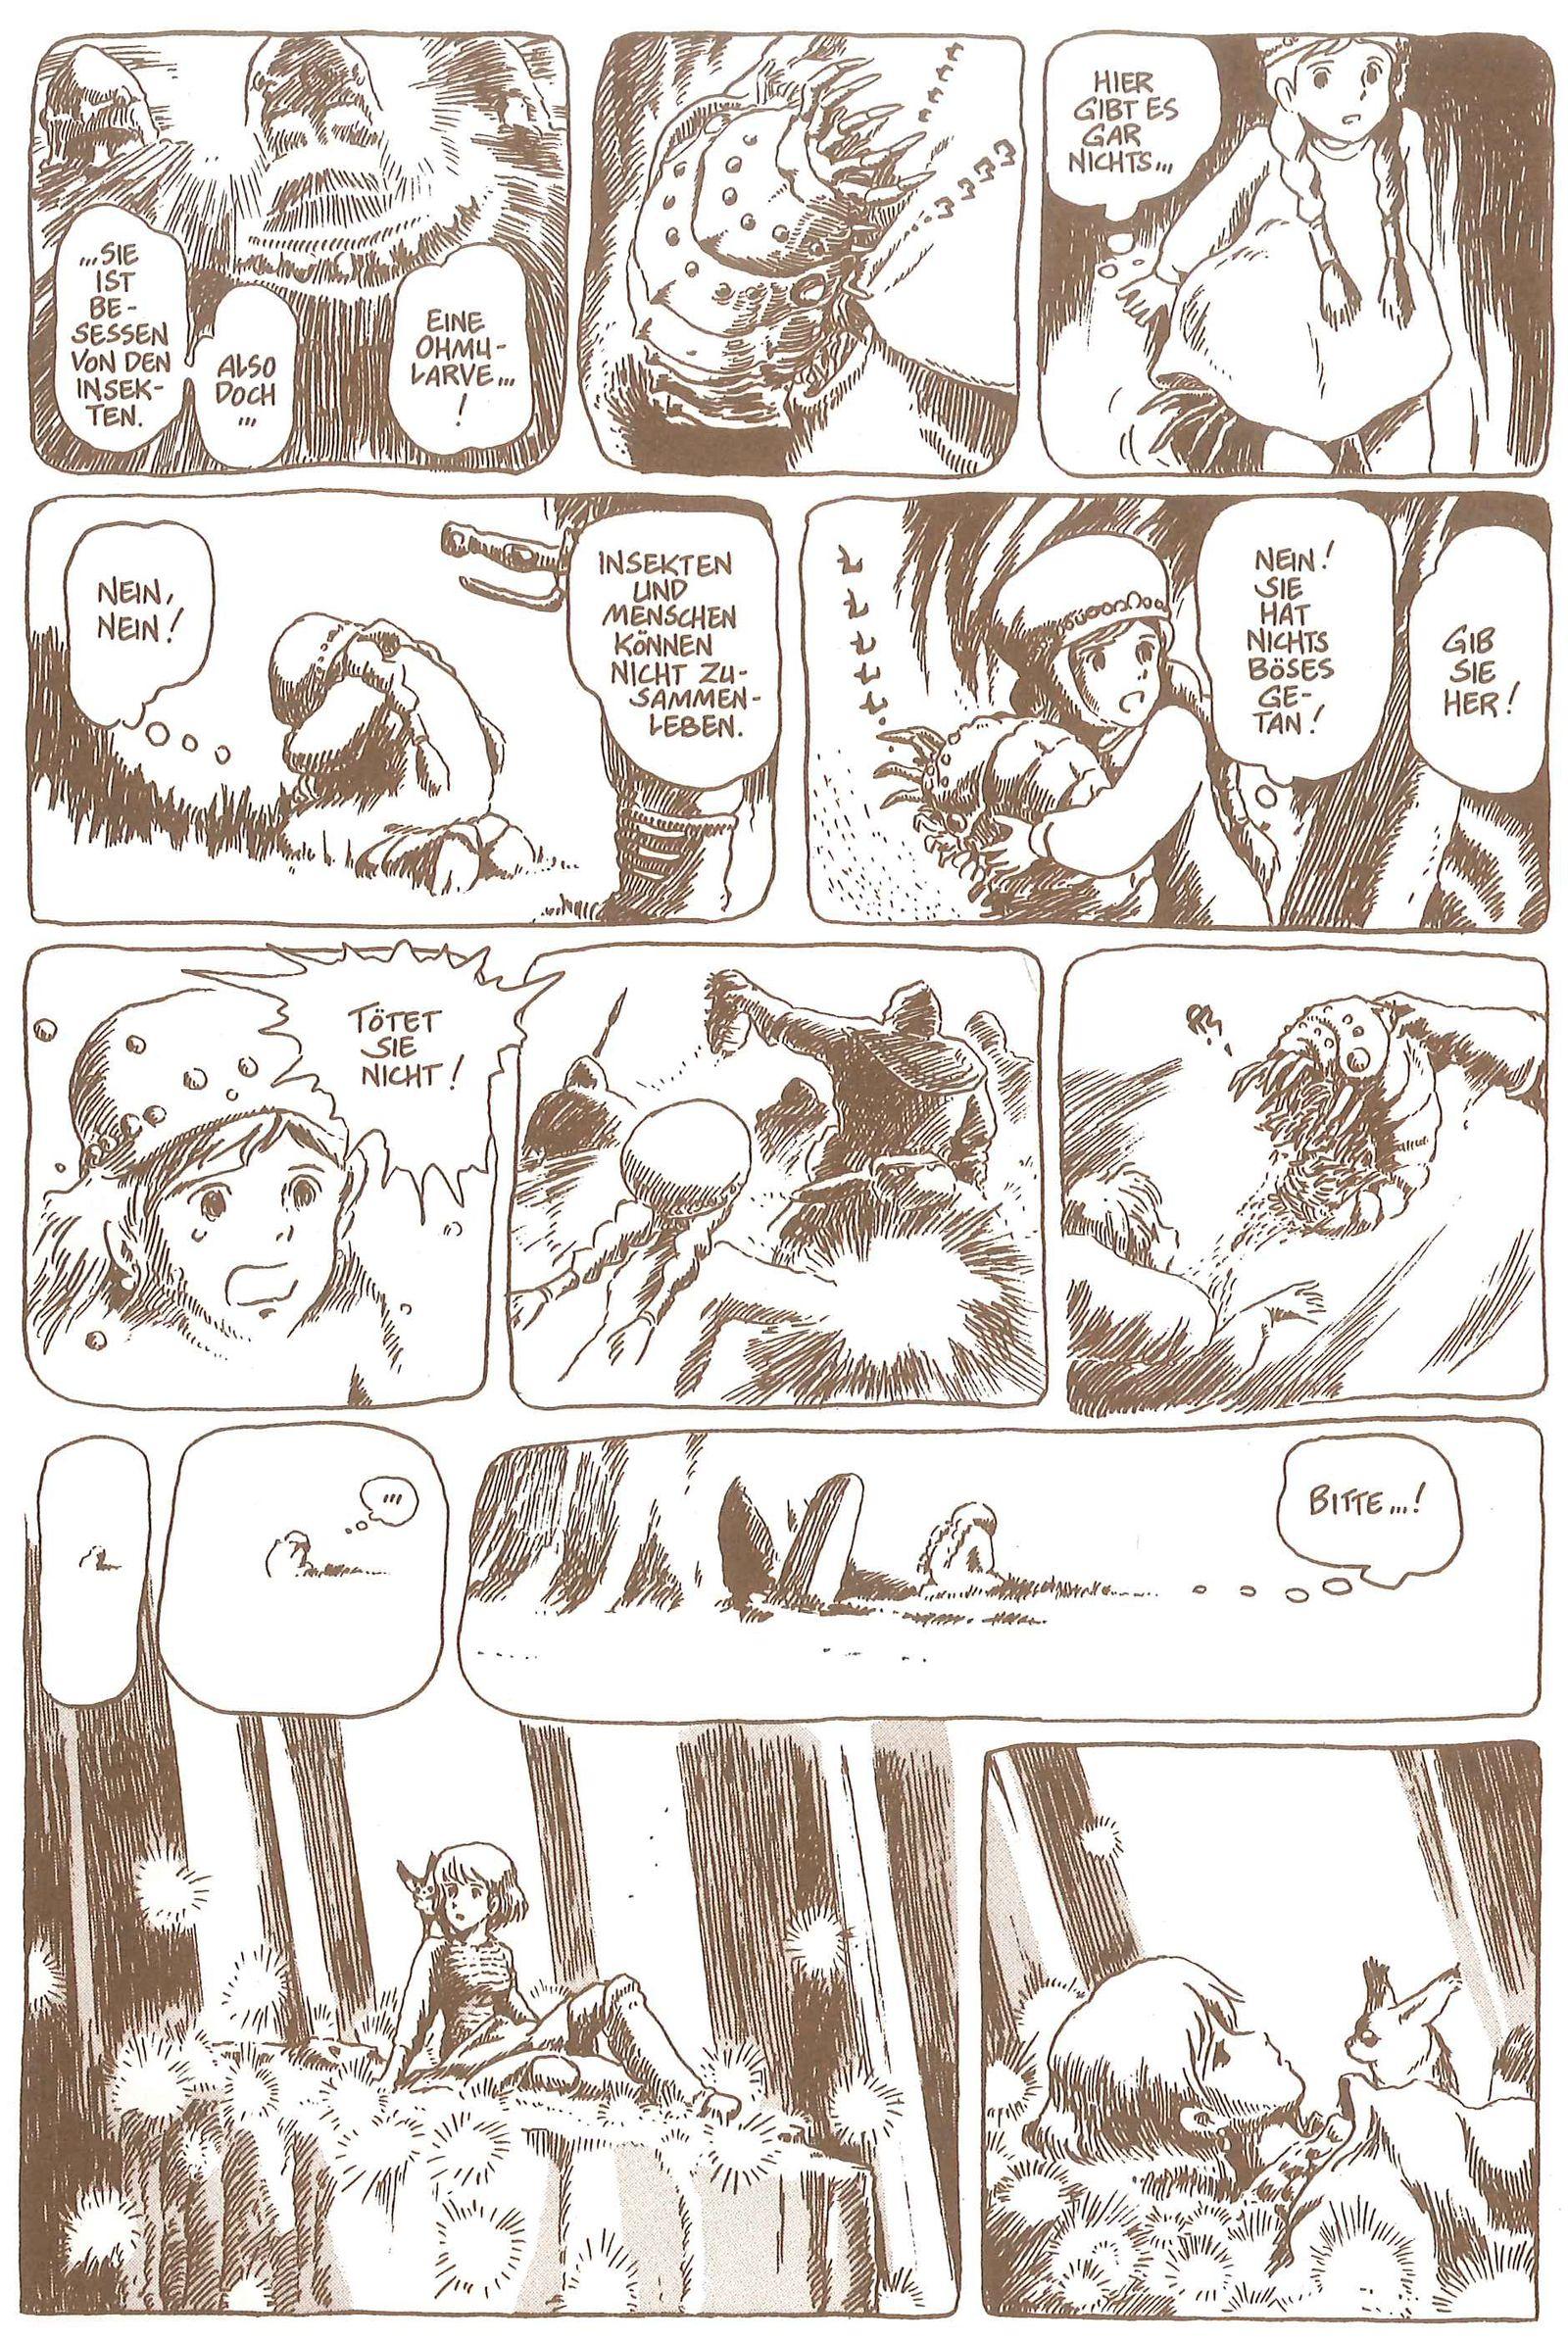 NUR FÜR EINESTAGES Miyazaki / Text